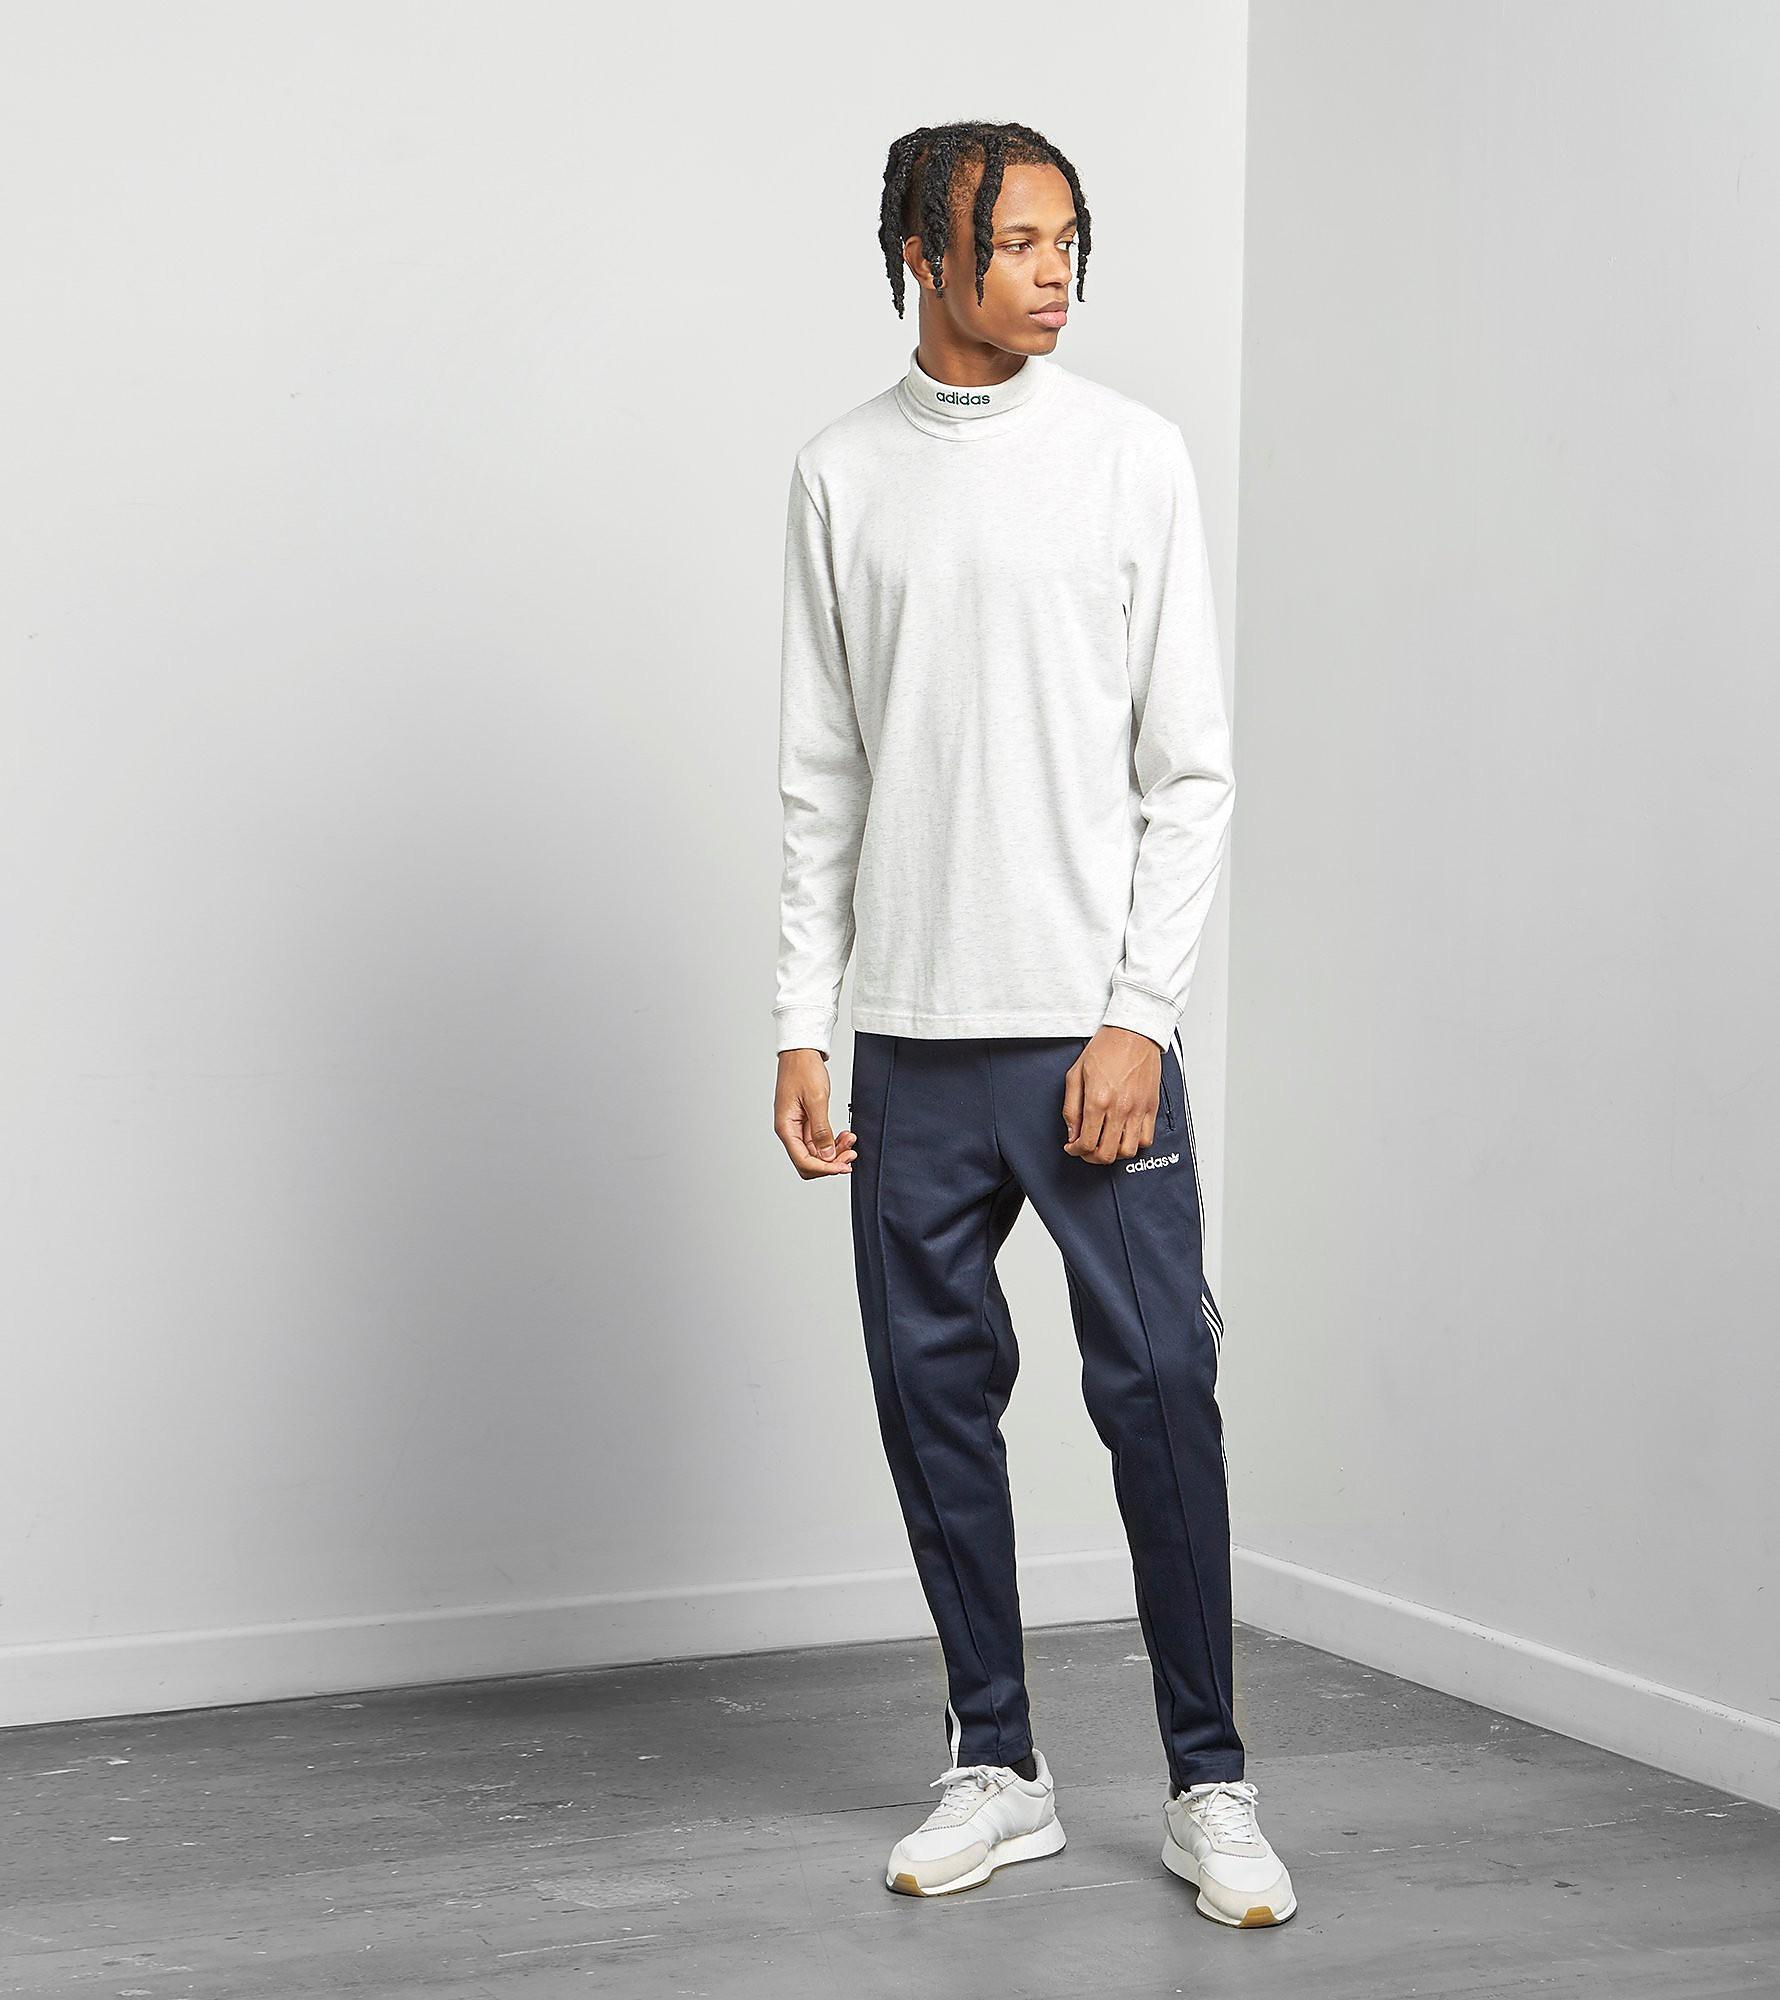 adidas Originals High-Collar T-Shirt